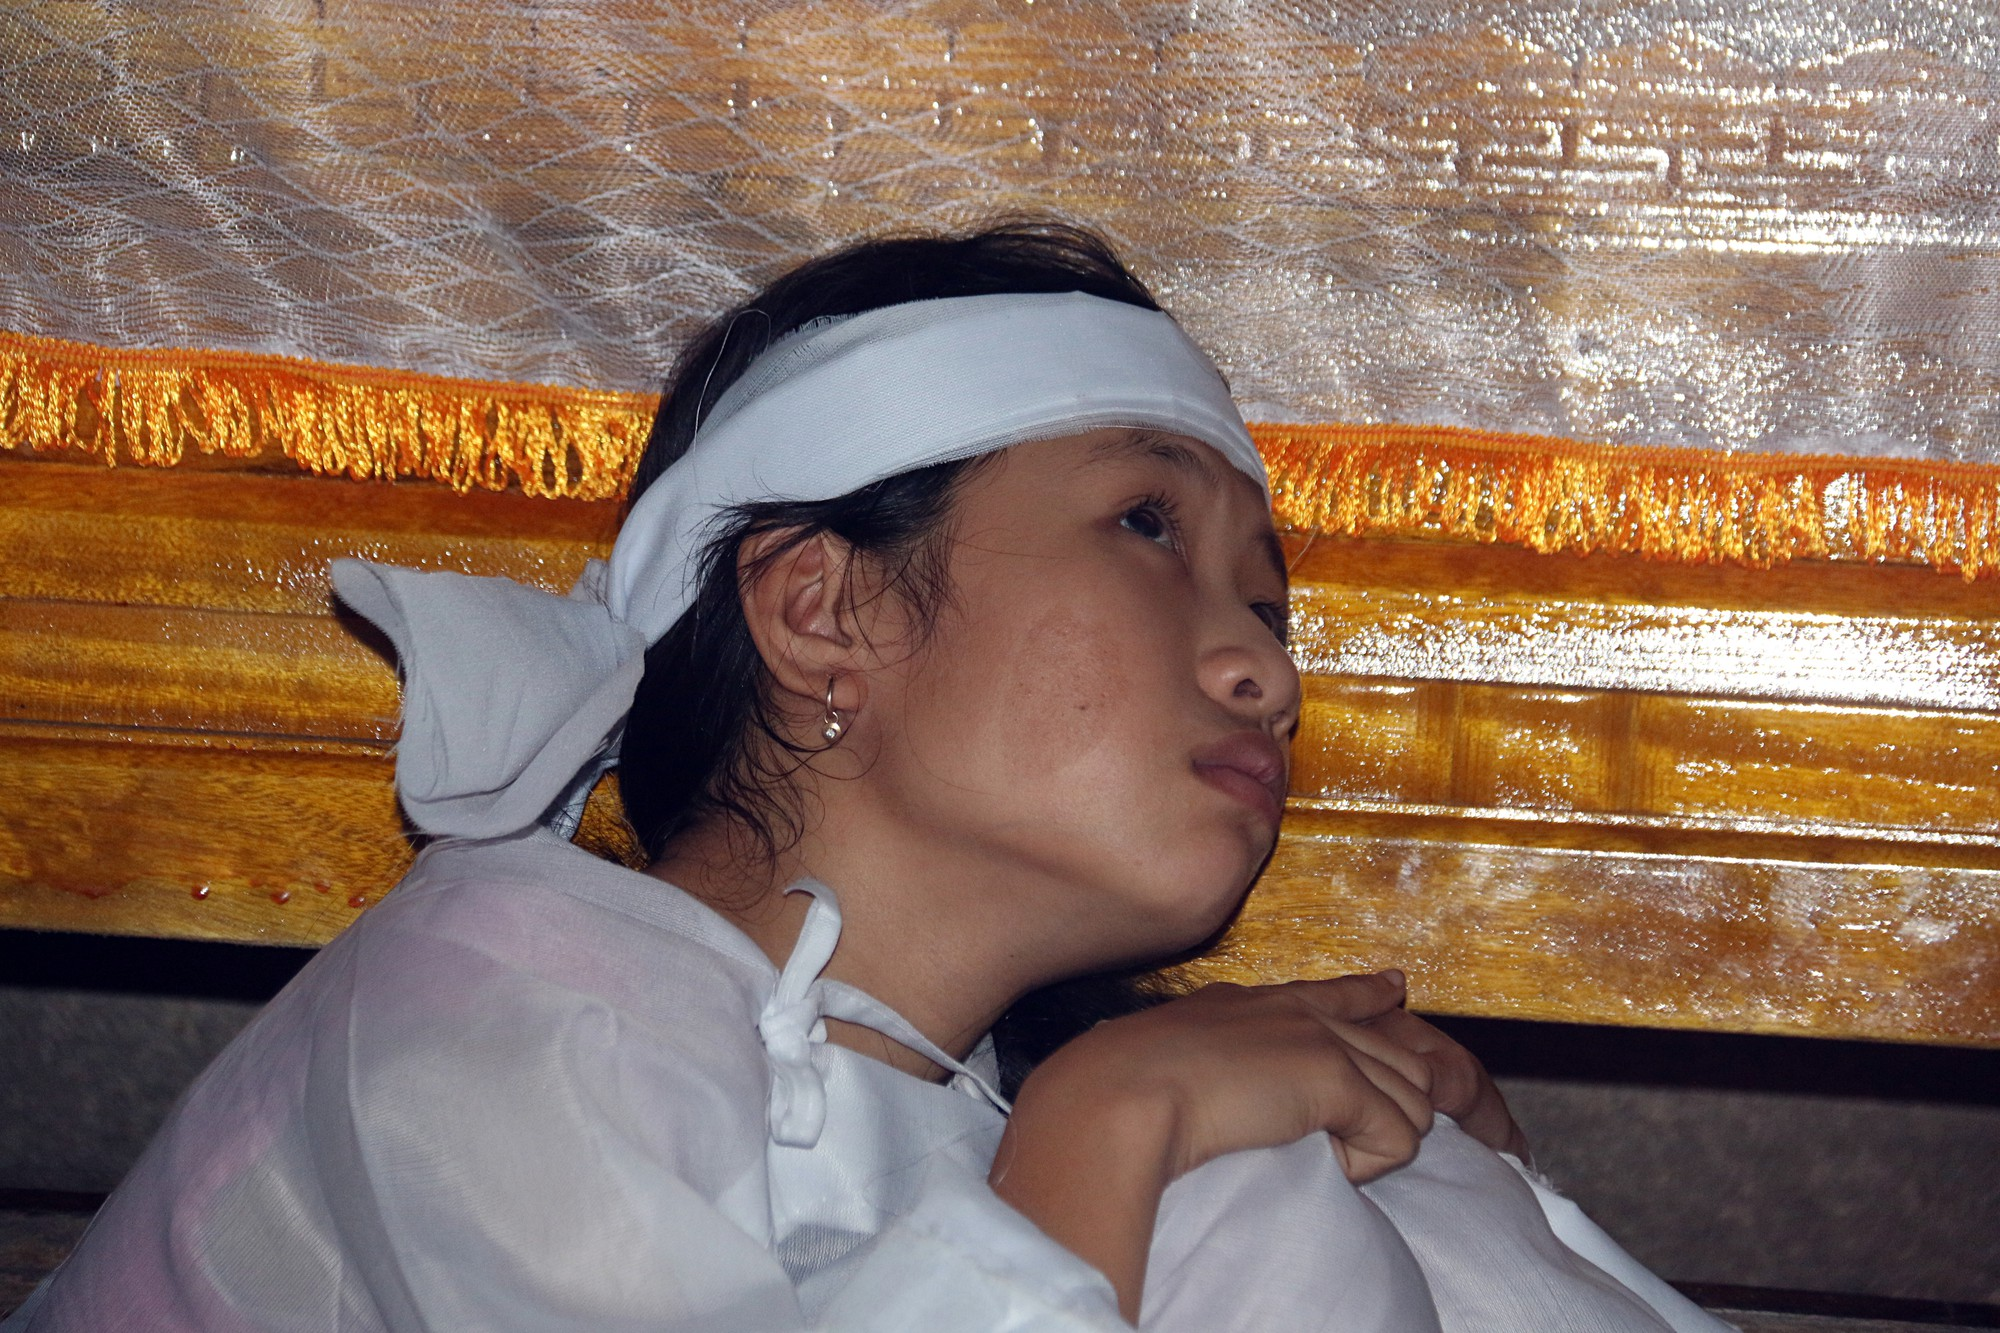 Vụ chú rể và 12 người thân trong đoàn rước dâu tử vong vì tai nạn: Những đứa trẻ bỗng chốc... mồ côi - Ảnh 4.